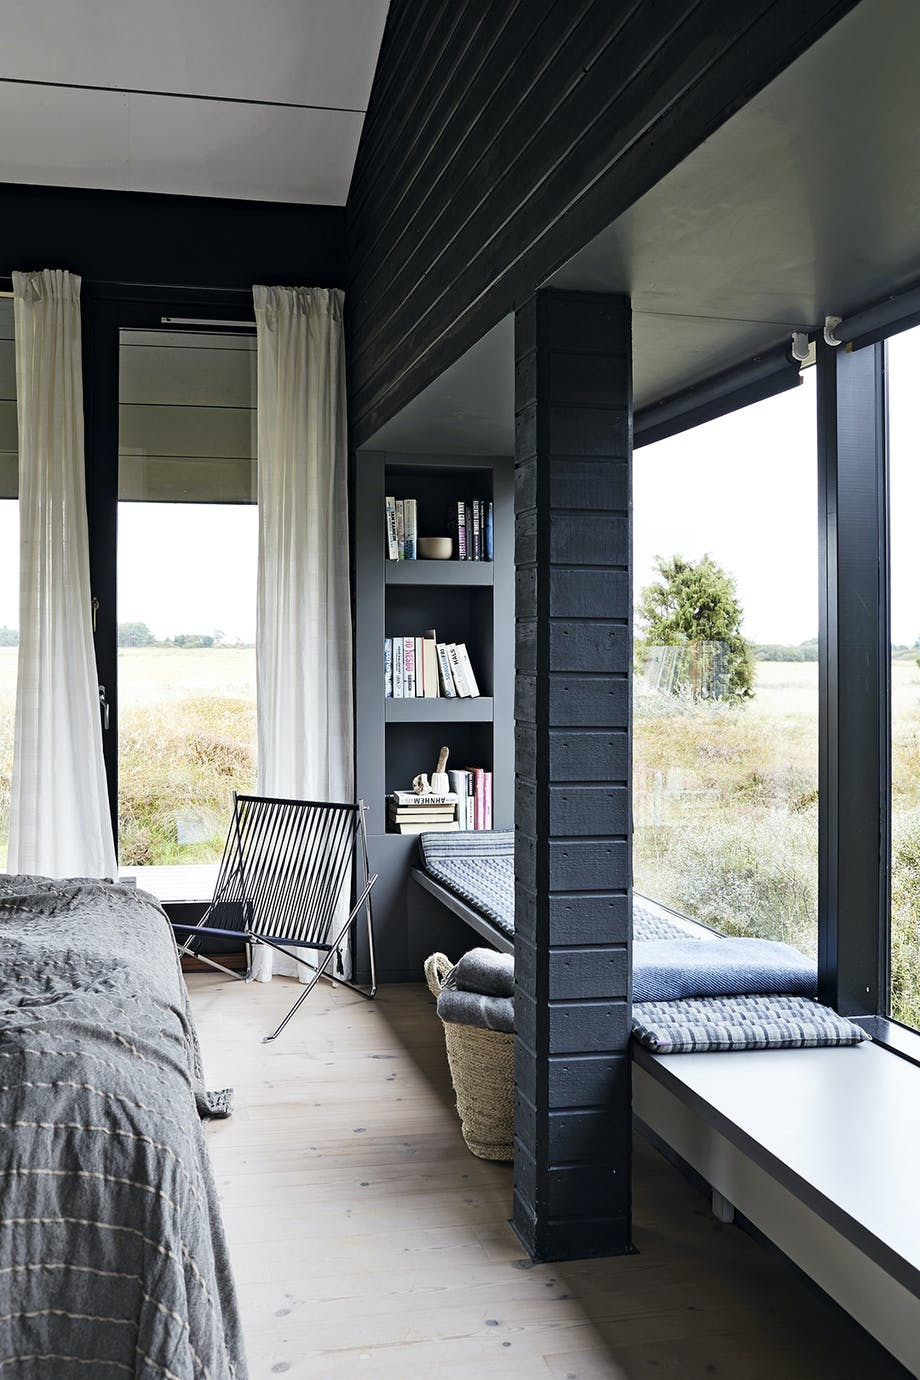 Soveværelse med stort vinduesparti med siddepladser og udsigt